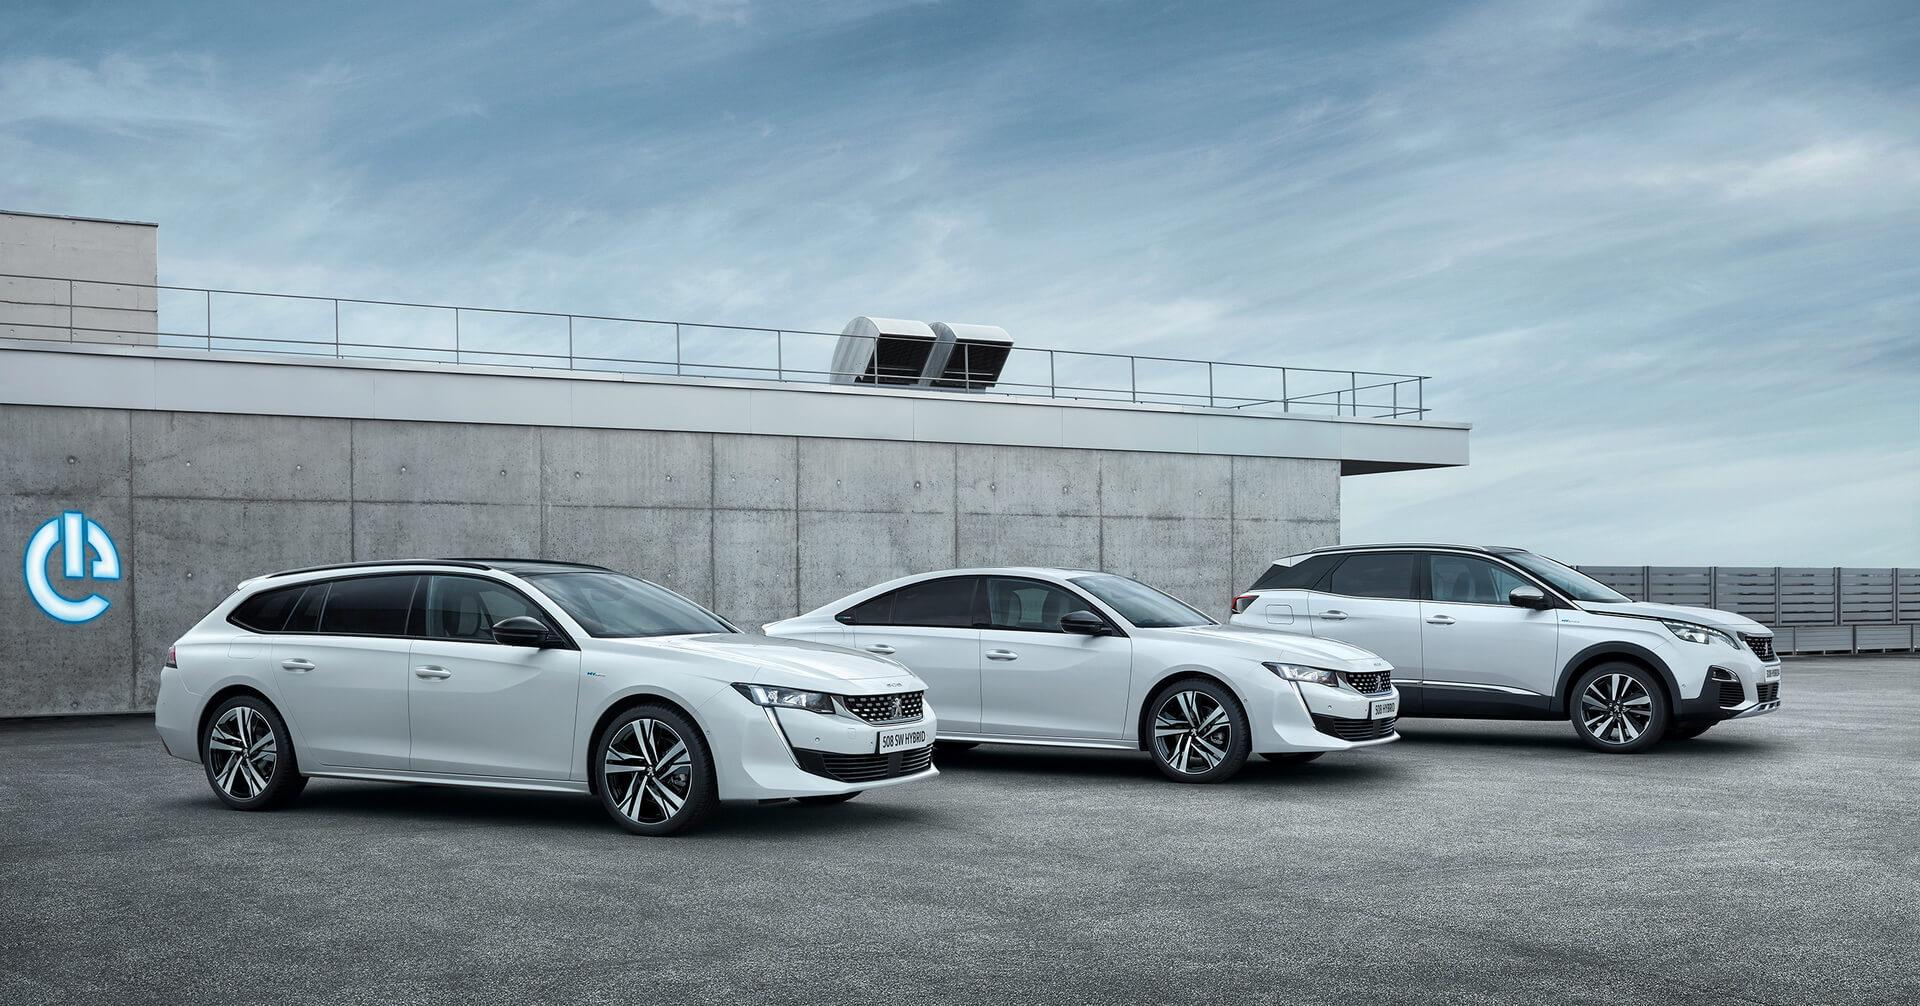 Три плагин-гибридные модели Peugeot: 508SW, 508 и 3008 (включая версию сполным приводом HYBRID4)